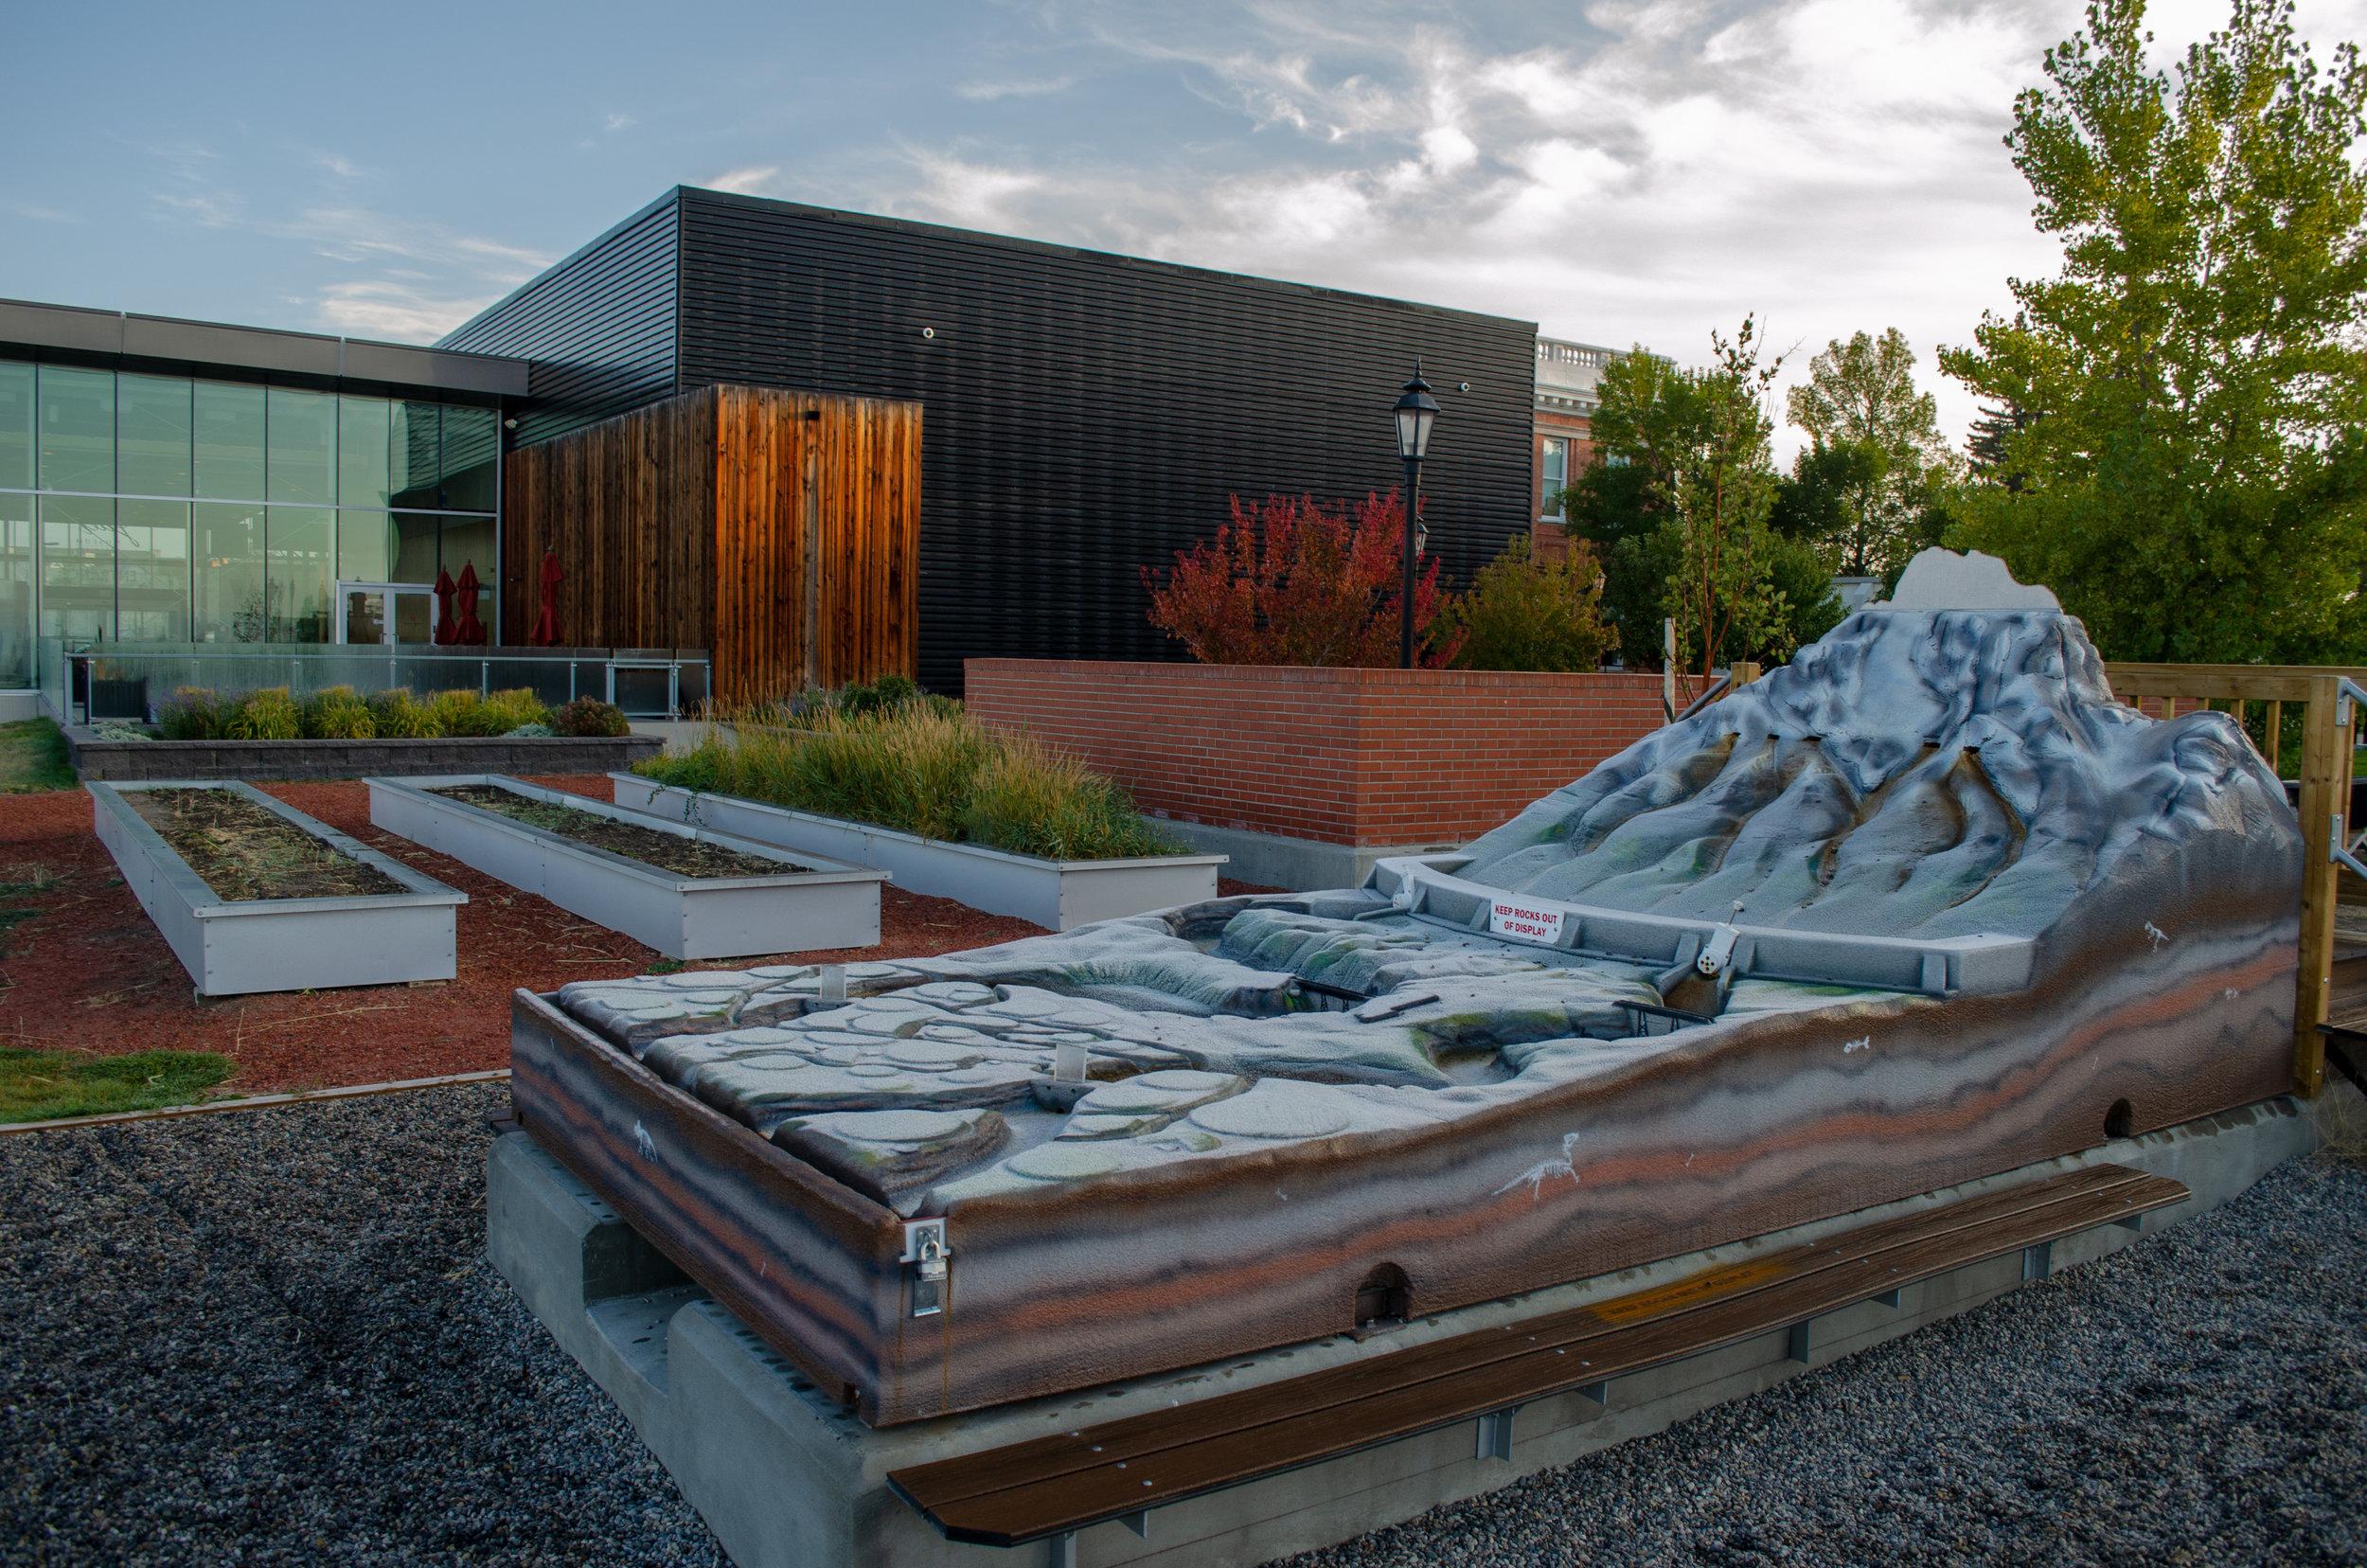 The outdoor irrigation exhibit